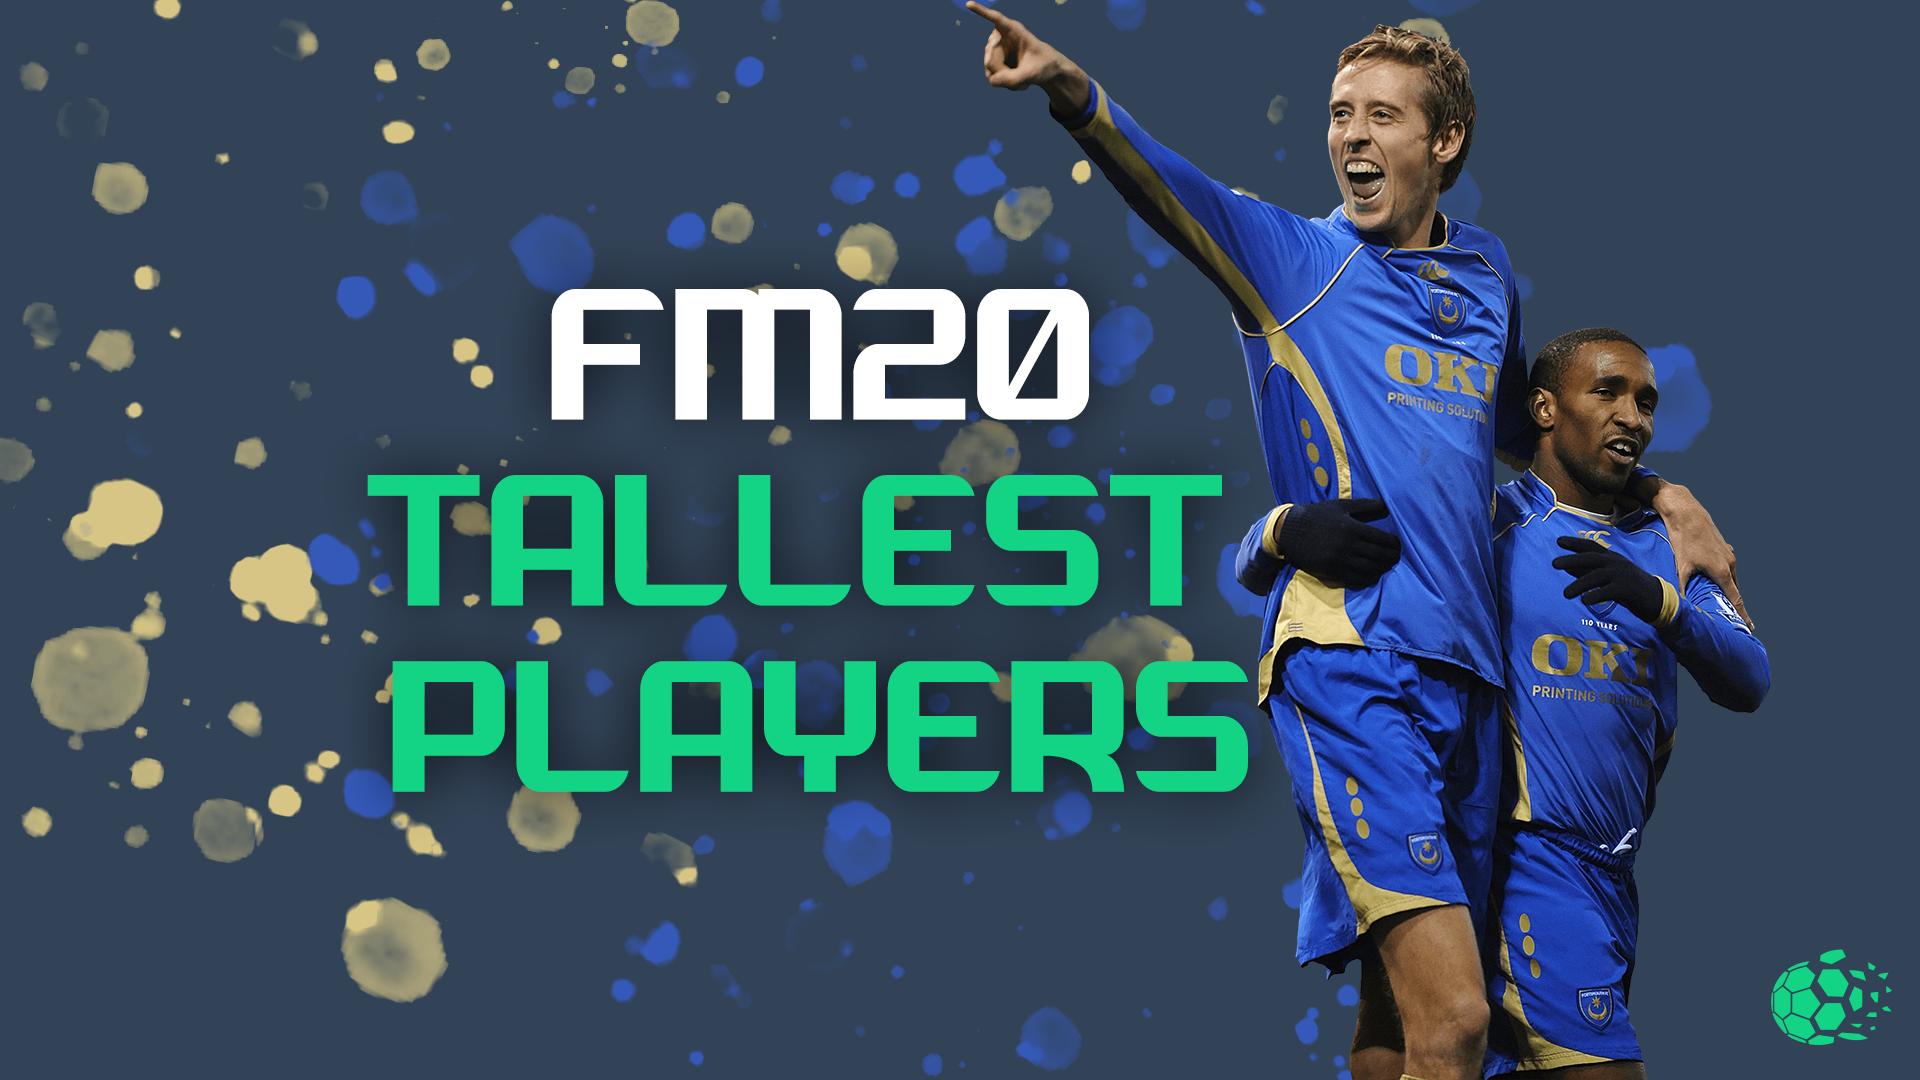 """""""FM20FM20's Tallest Players"""" feature image"""